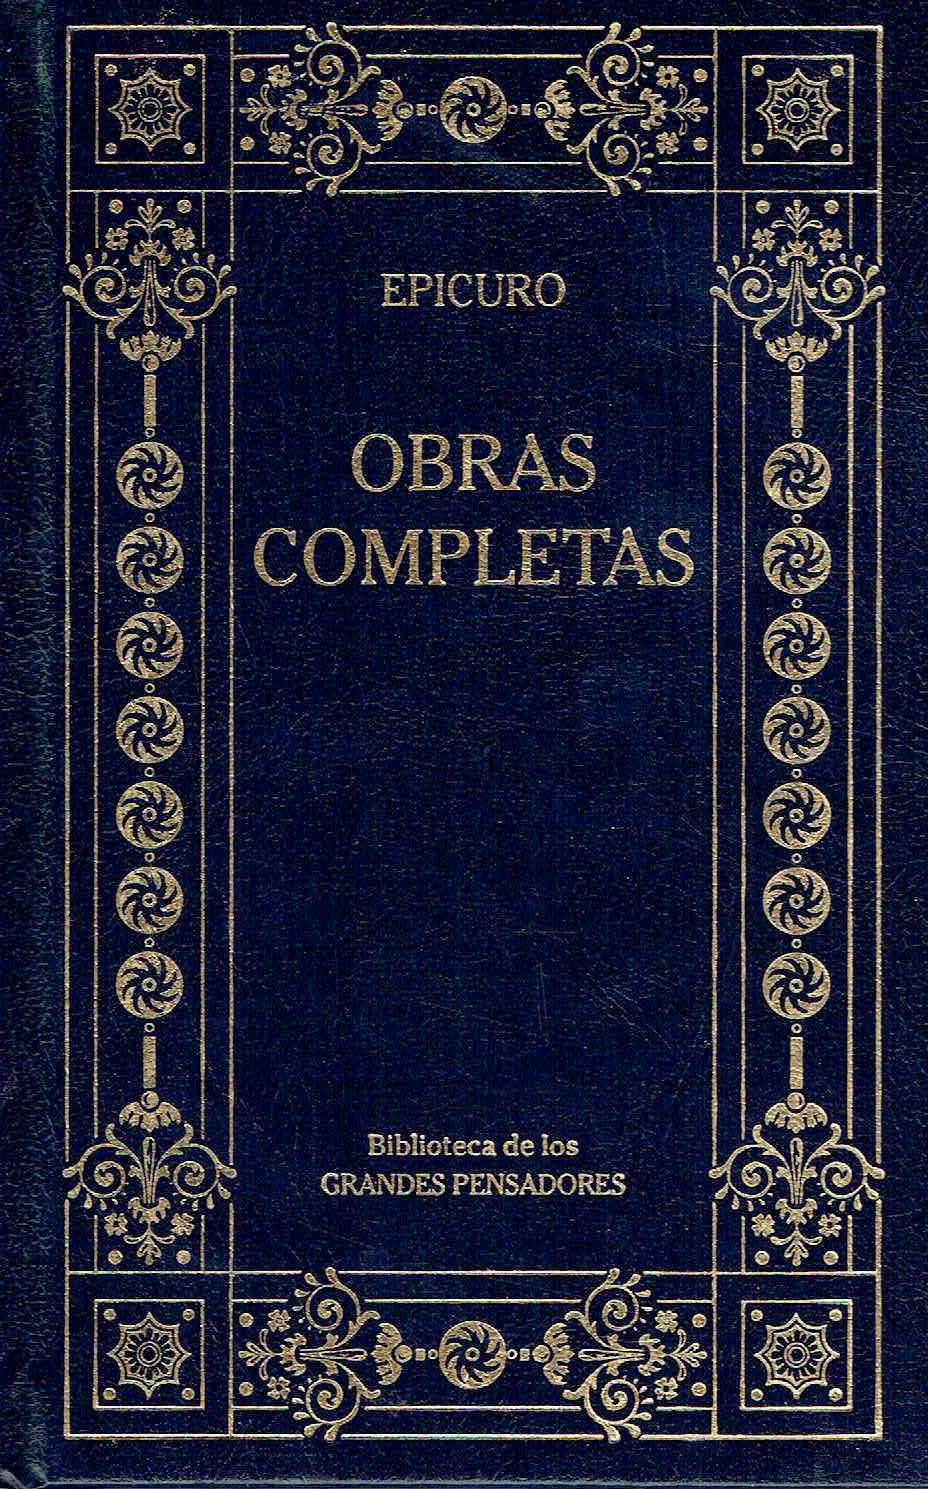 Obras Completas - Epicuro